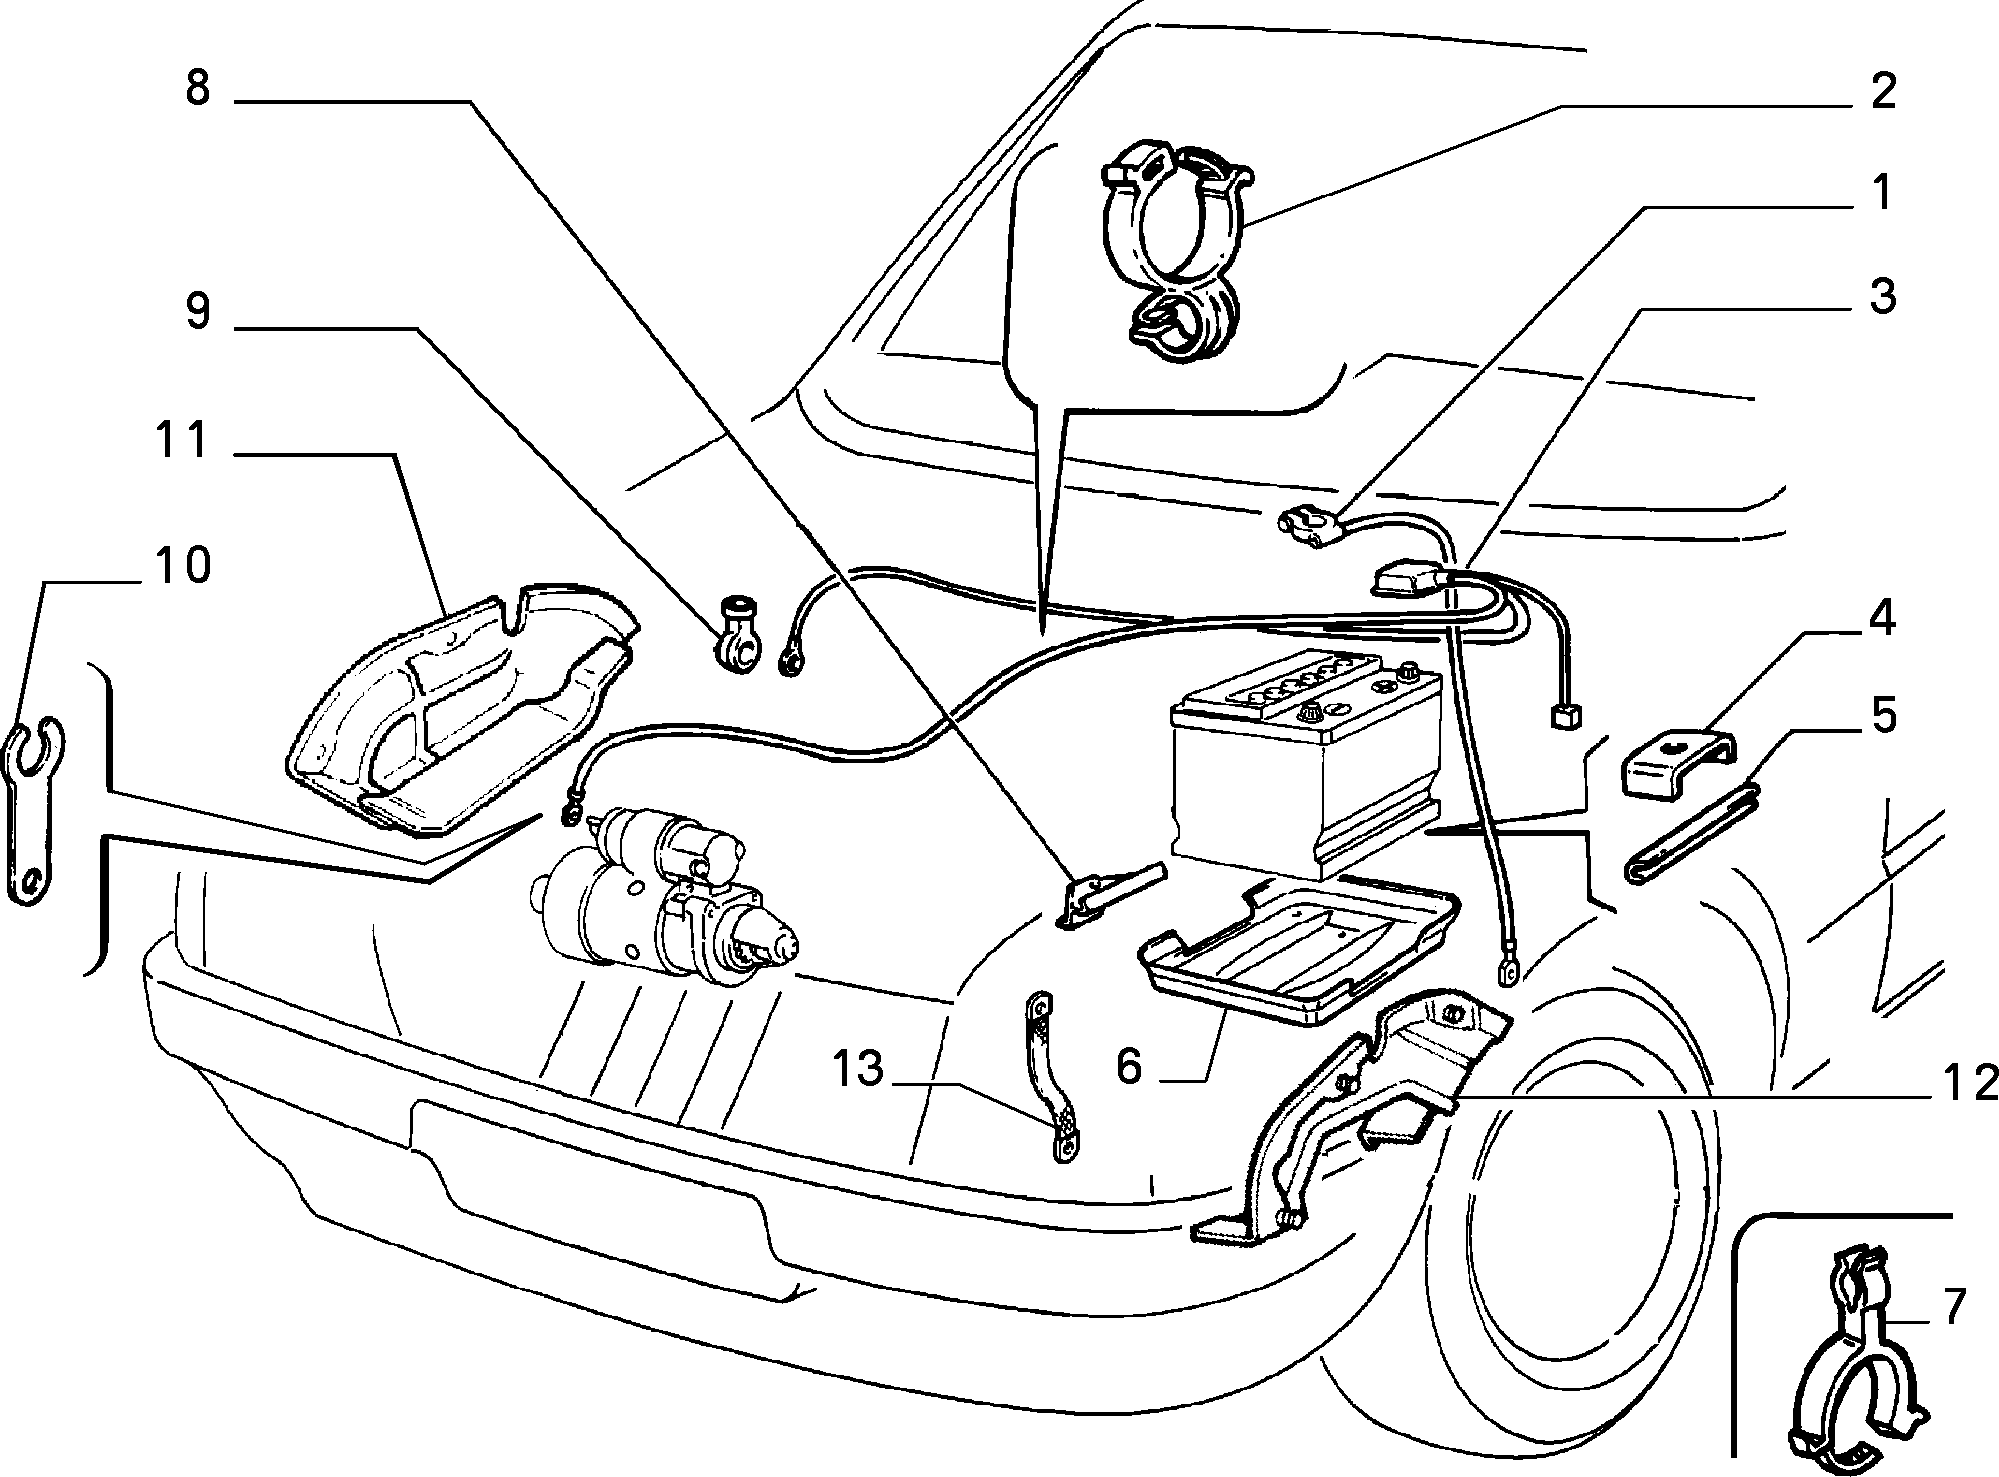 55300/00 БАТАРЕЯ